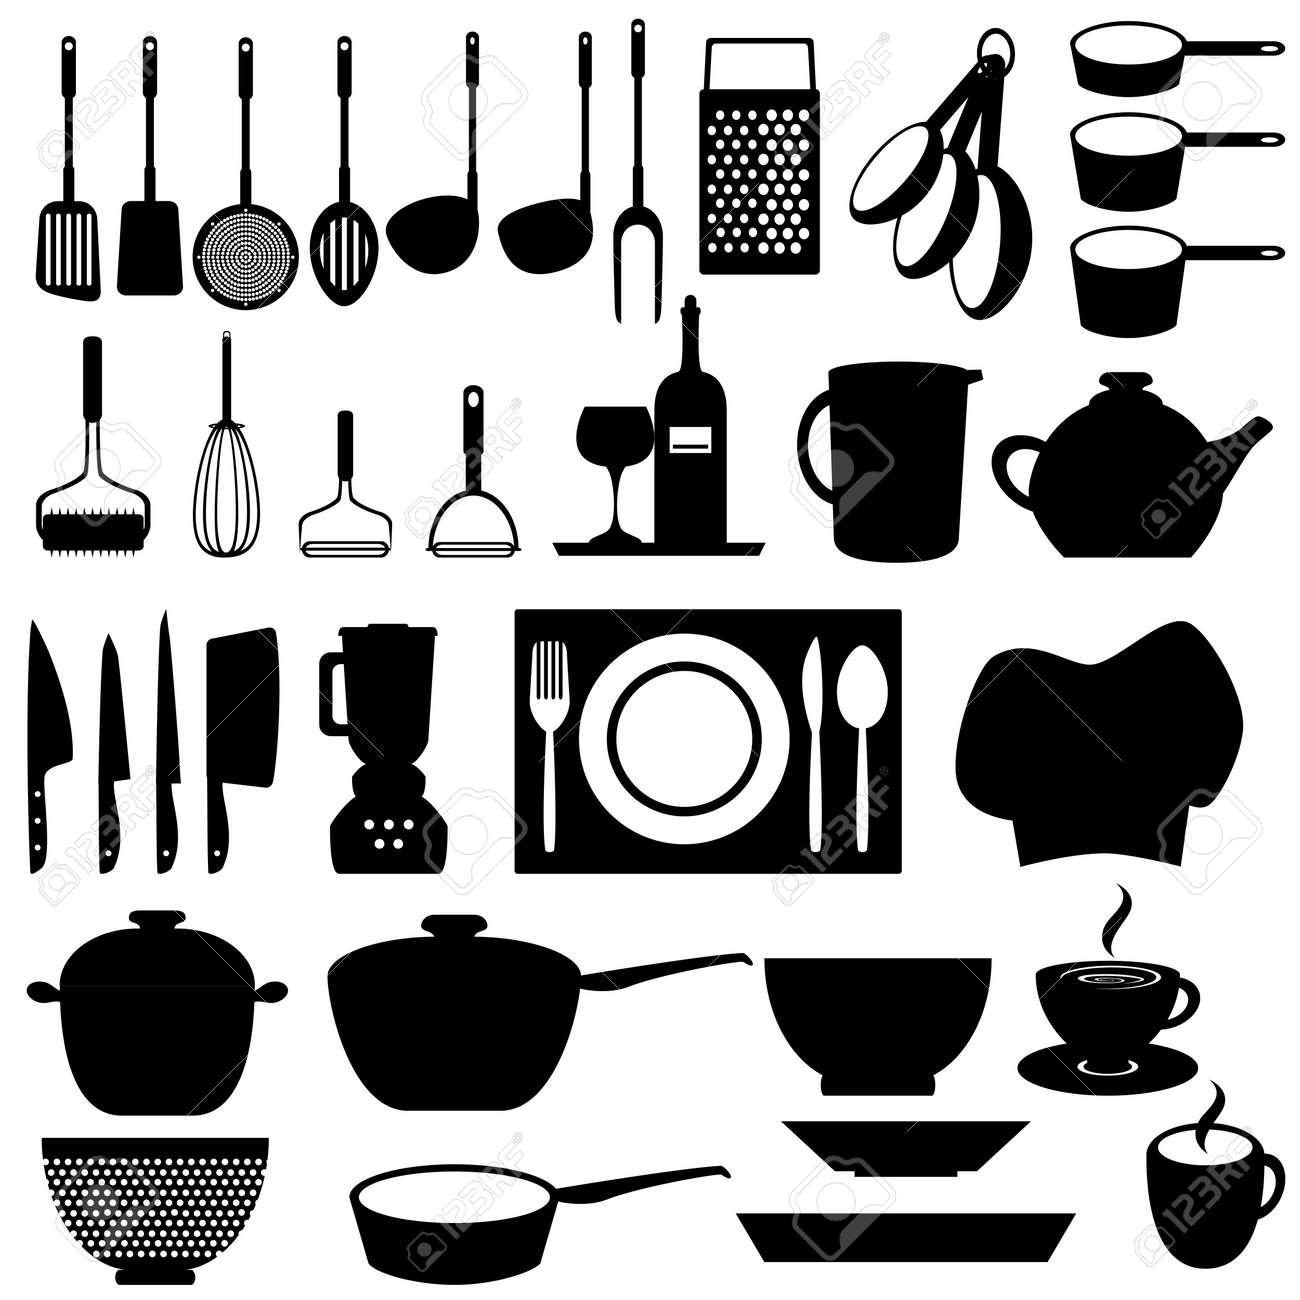 cucina e utensili da cucina di strumenti clipart royalty-free ... - Arnesi Da Cucina